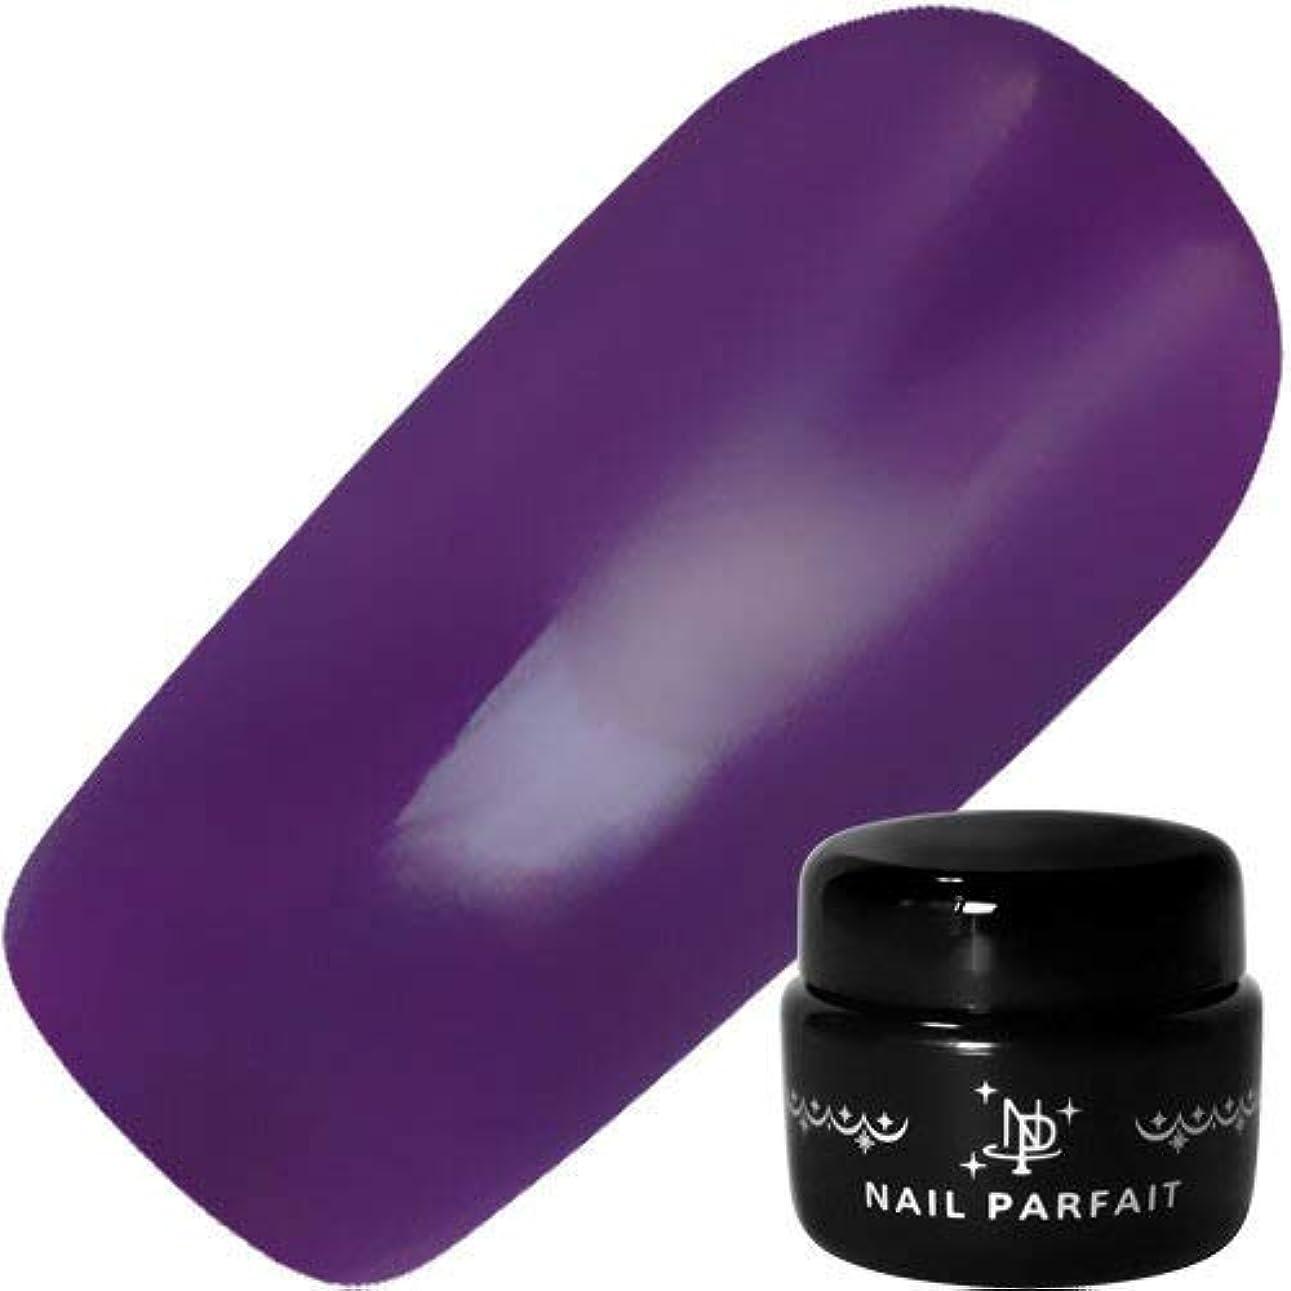 マージしてはいけません乏しいNAIL PARFAIT ネイルパフェ カラージェル A44京紫 2g 【ジェル/カラージェル?ネイル用品】